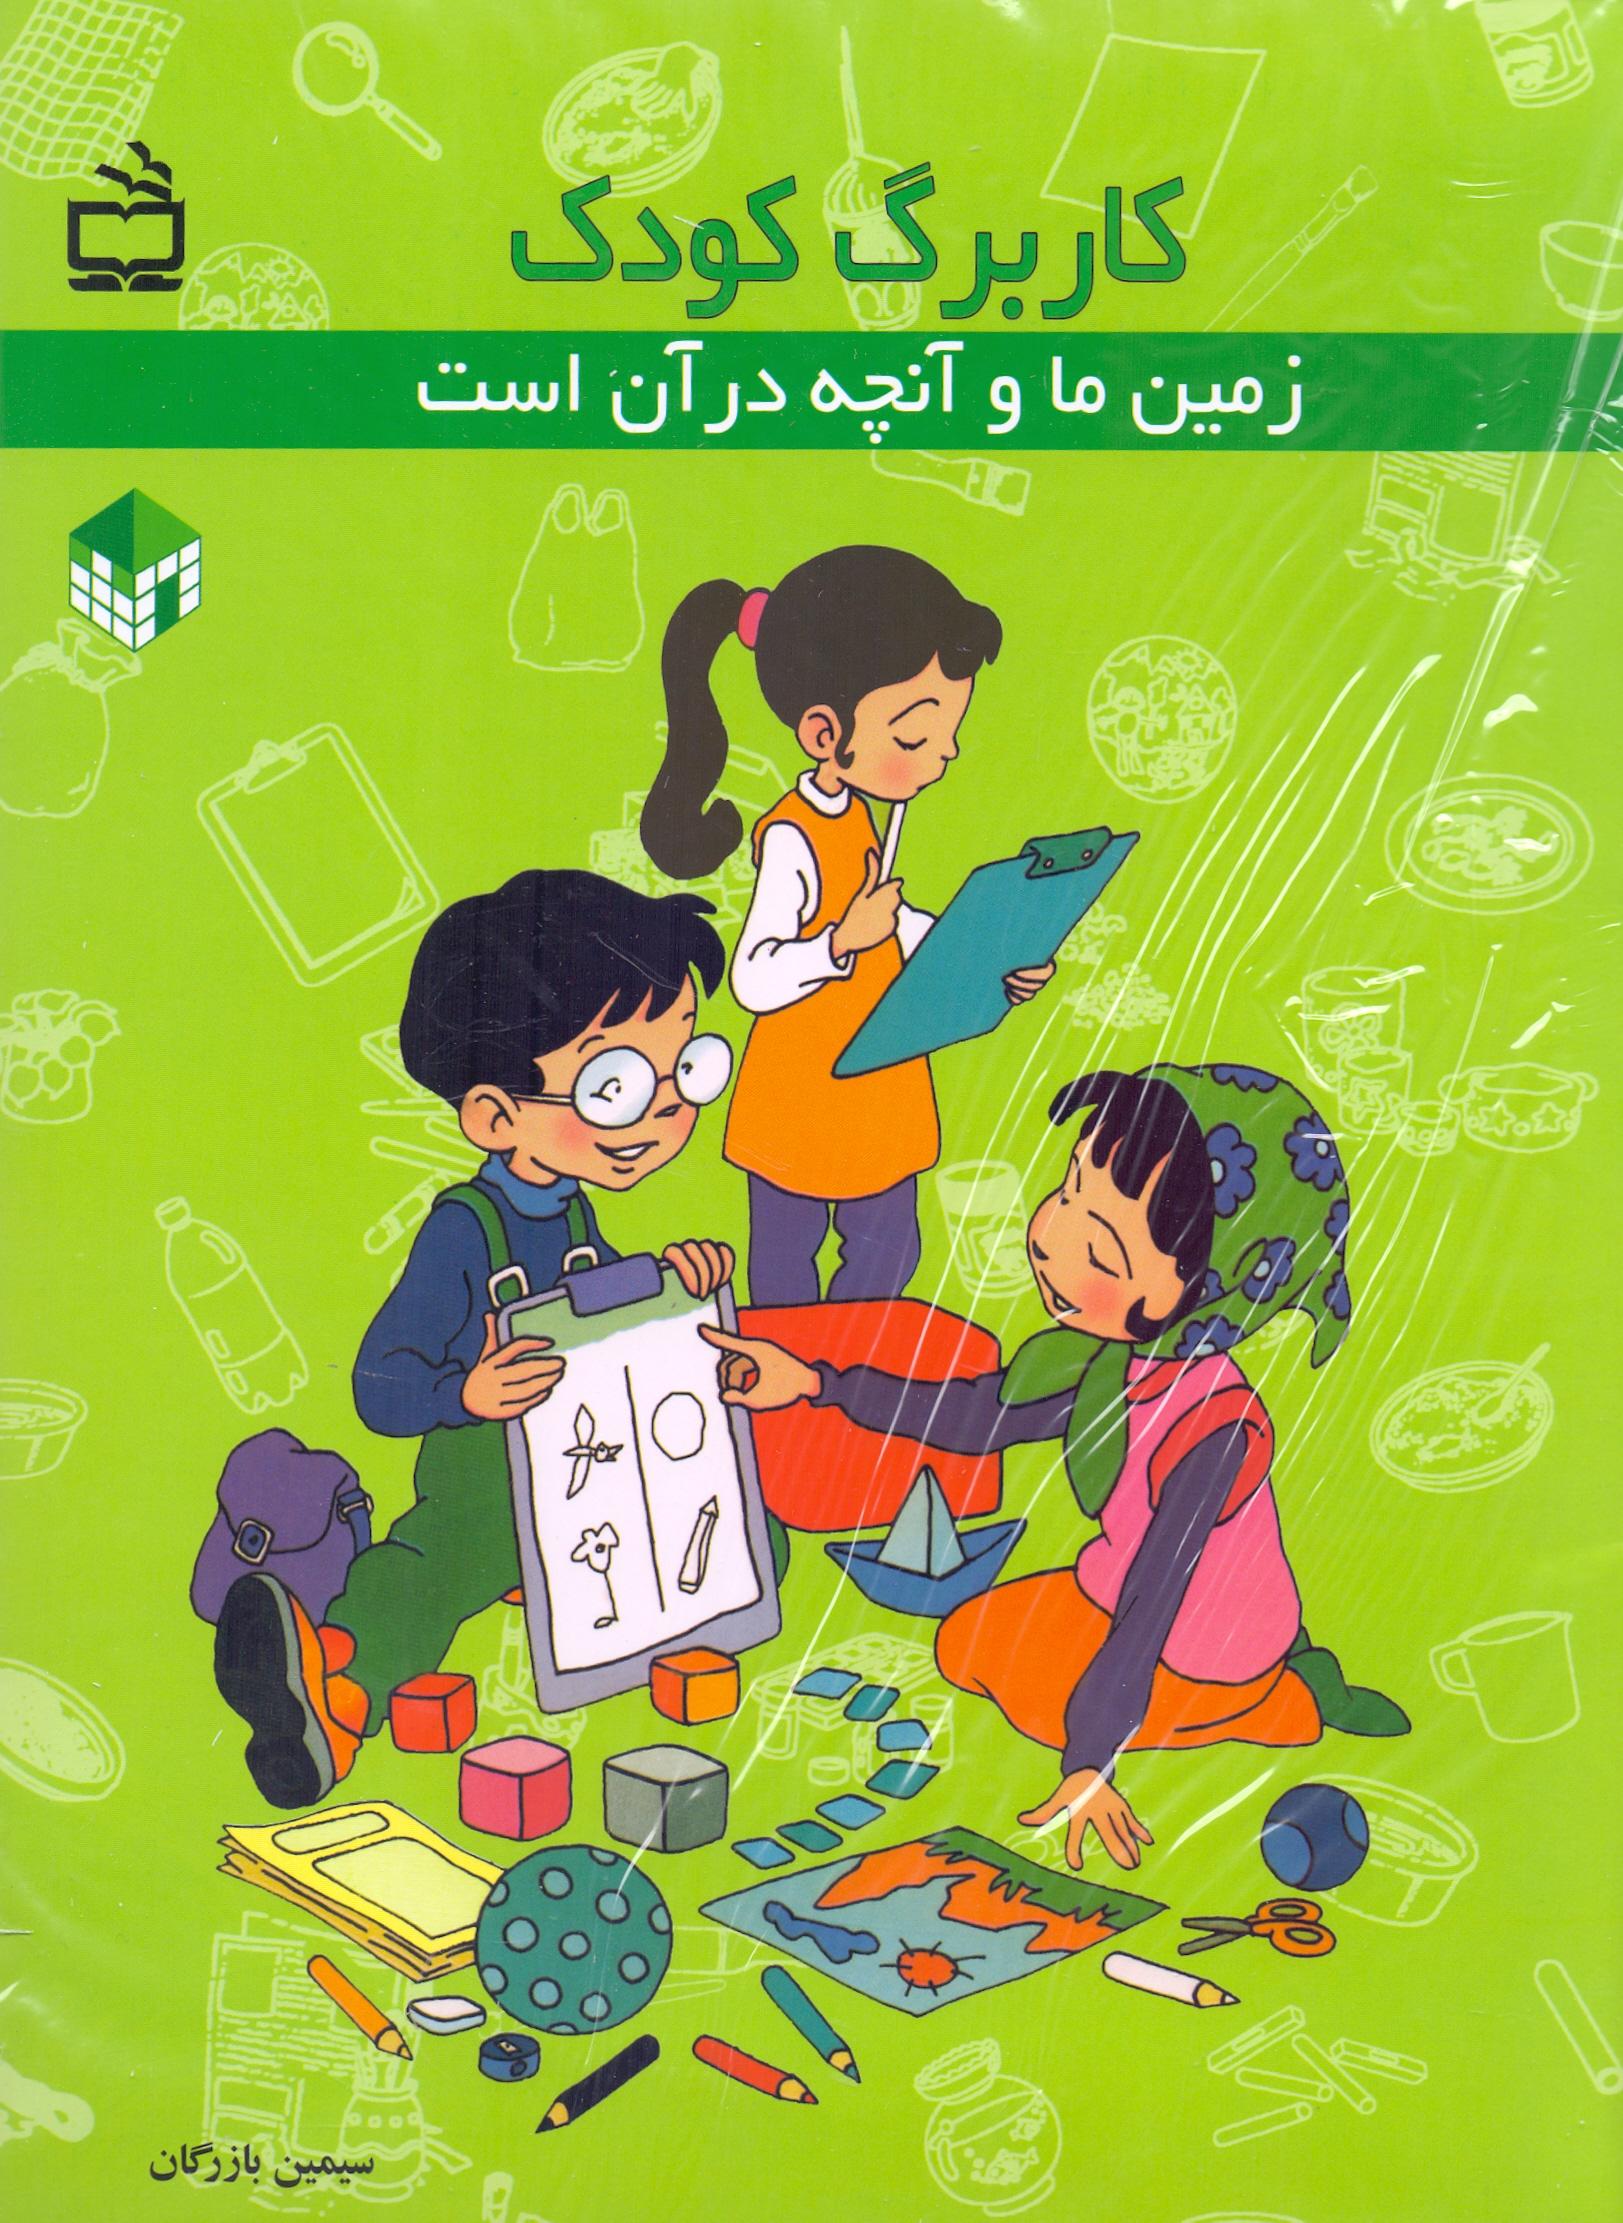 طرح کودک-مربی : بسته جامع «زمین ما و آنچه در آن است»